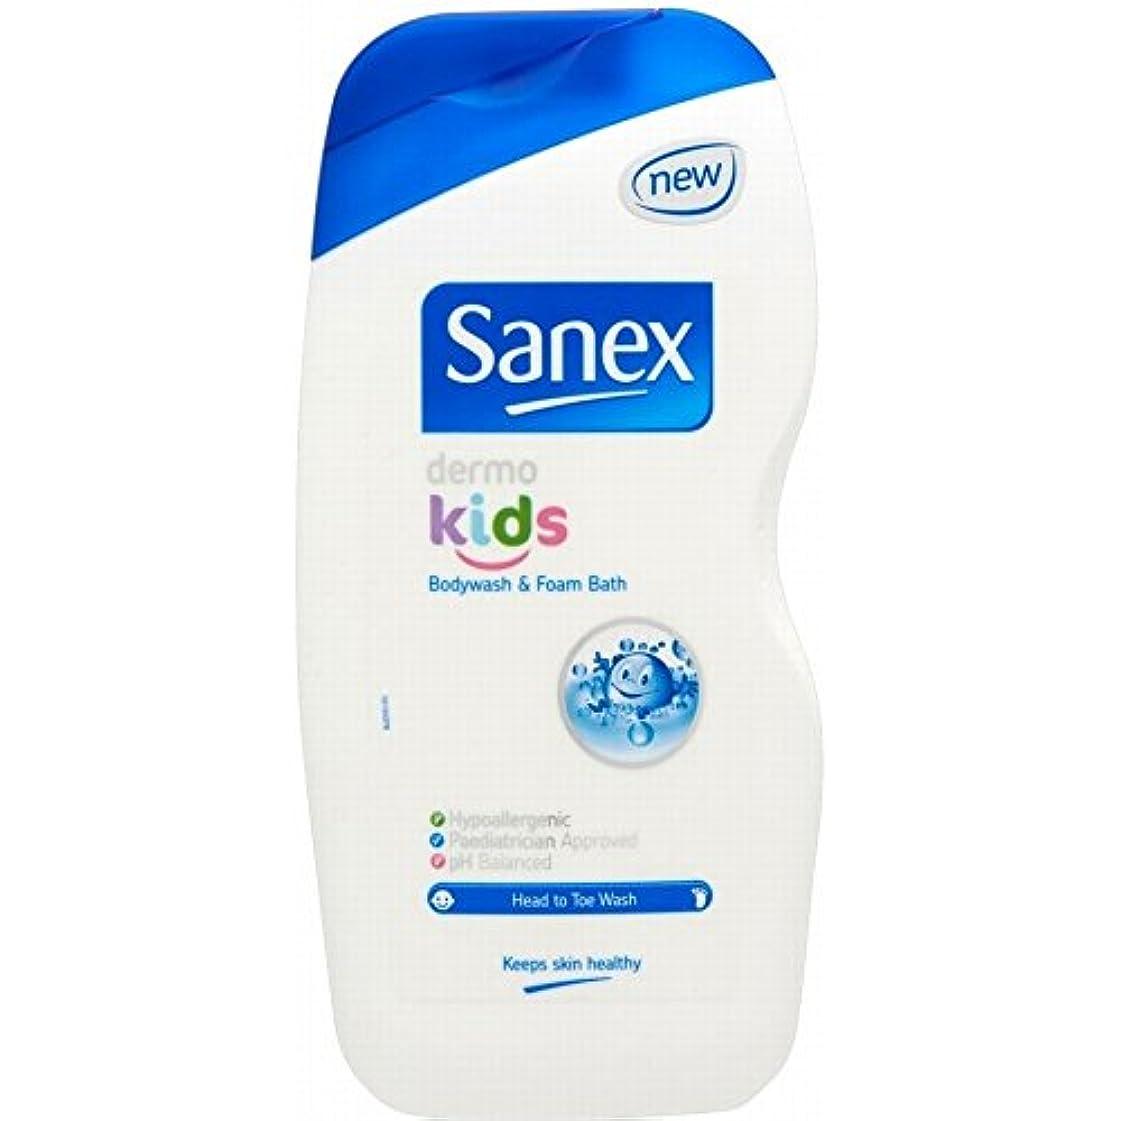 パンツ熱帯のはさみSanex Dermo Kids Body Wash & Foam Bath (500ml) Sanex真皮キッズボディウォッシュと泡風呂( 500ミリリットル) [並行輸入品]